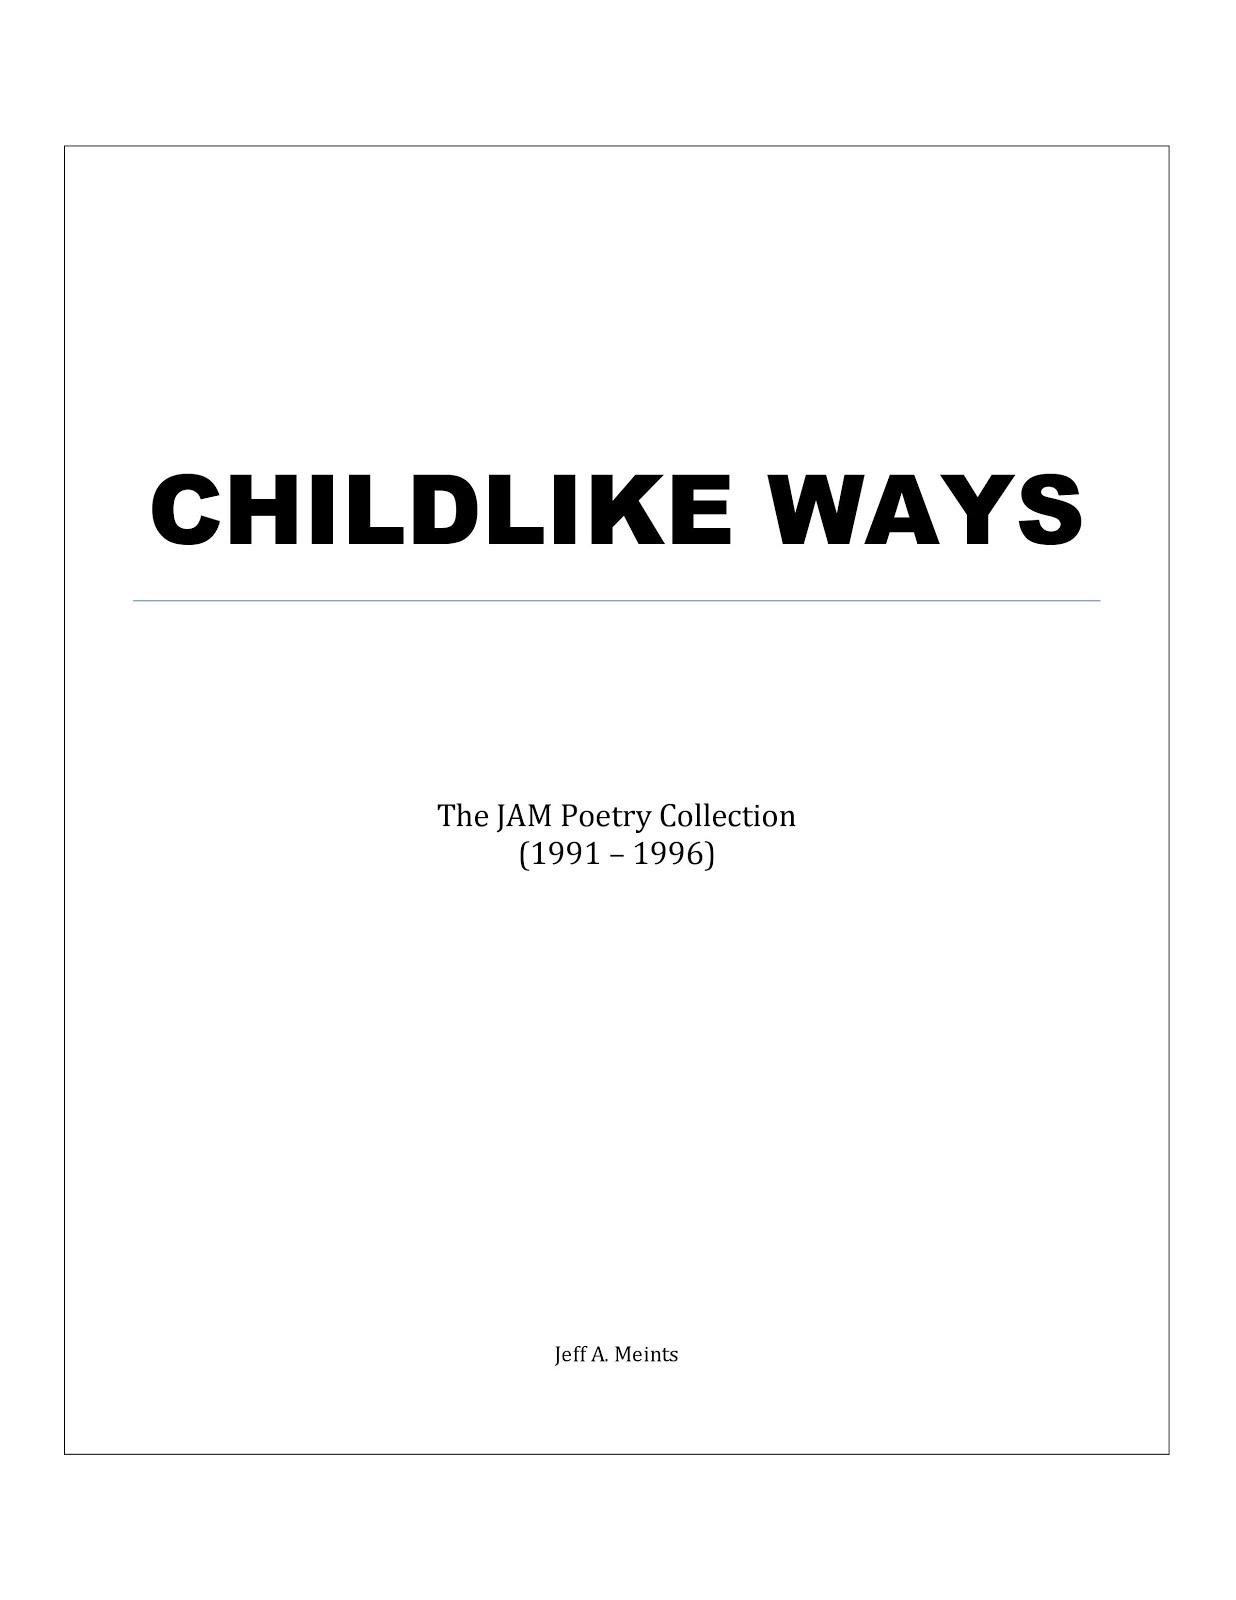 Childlike Ways (1991 - 1996)